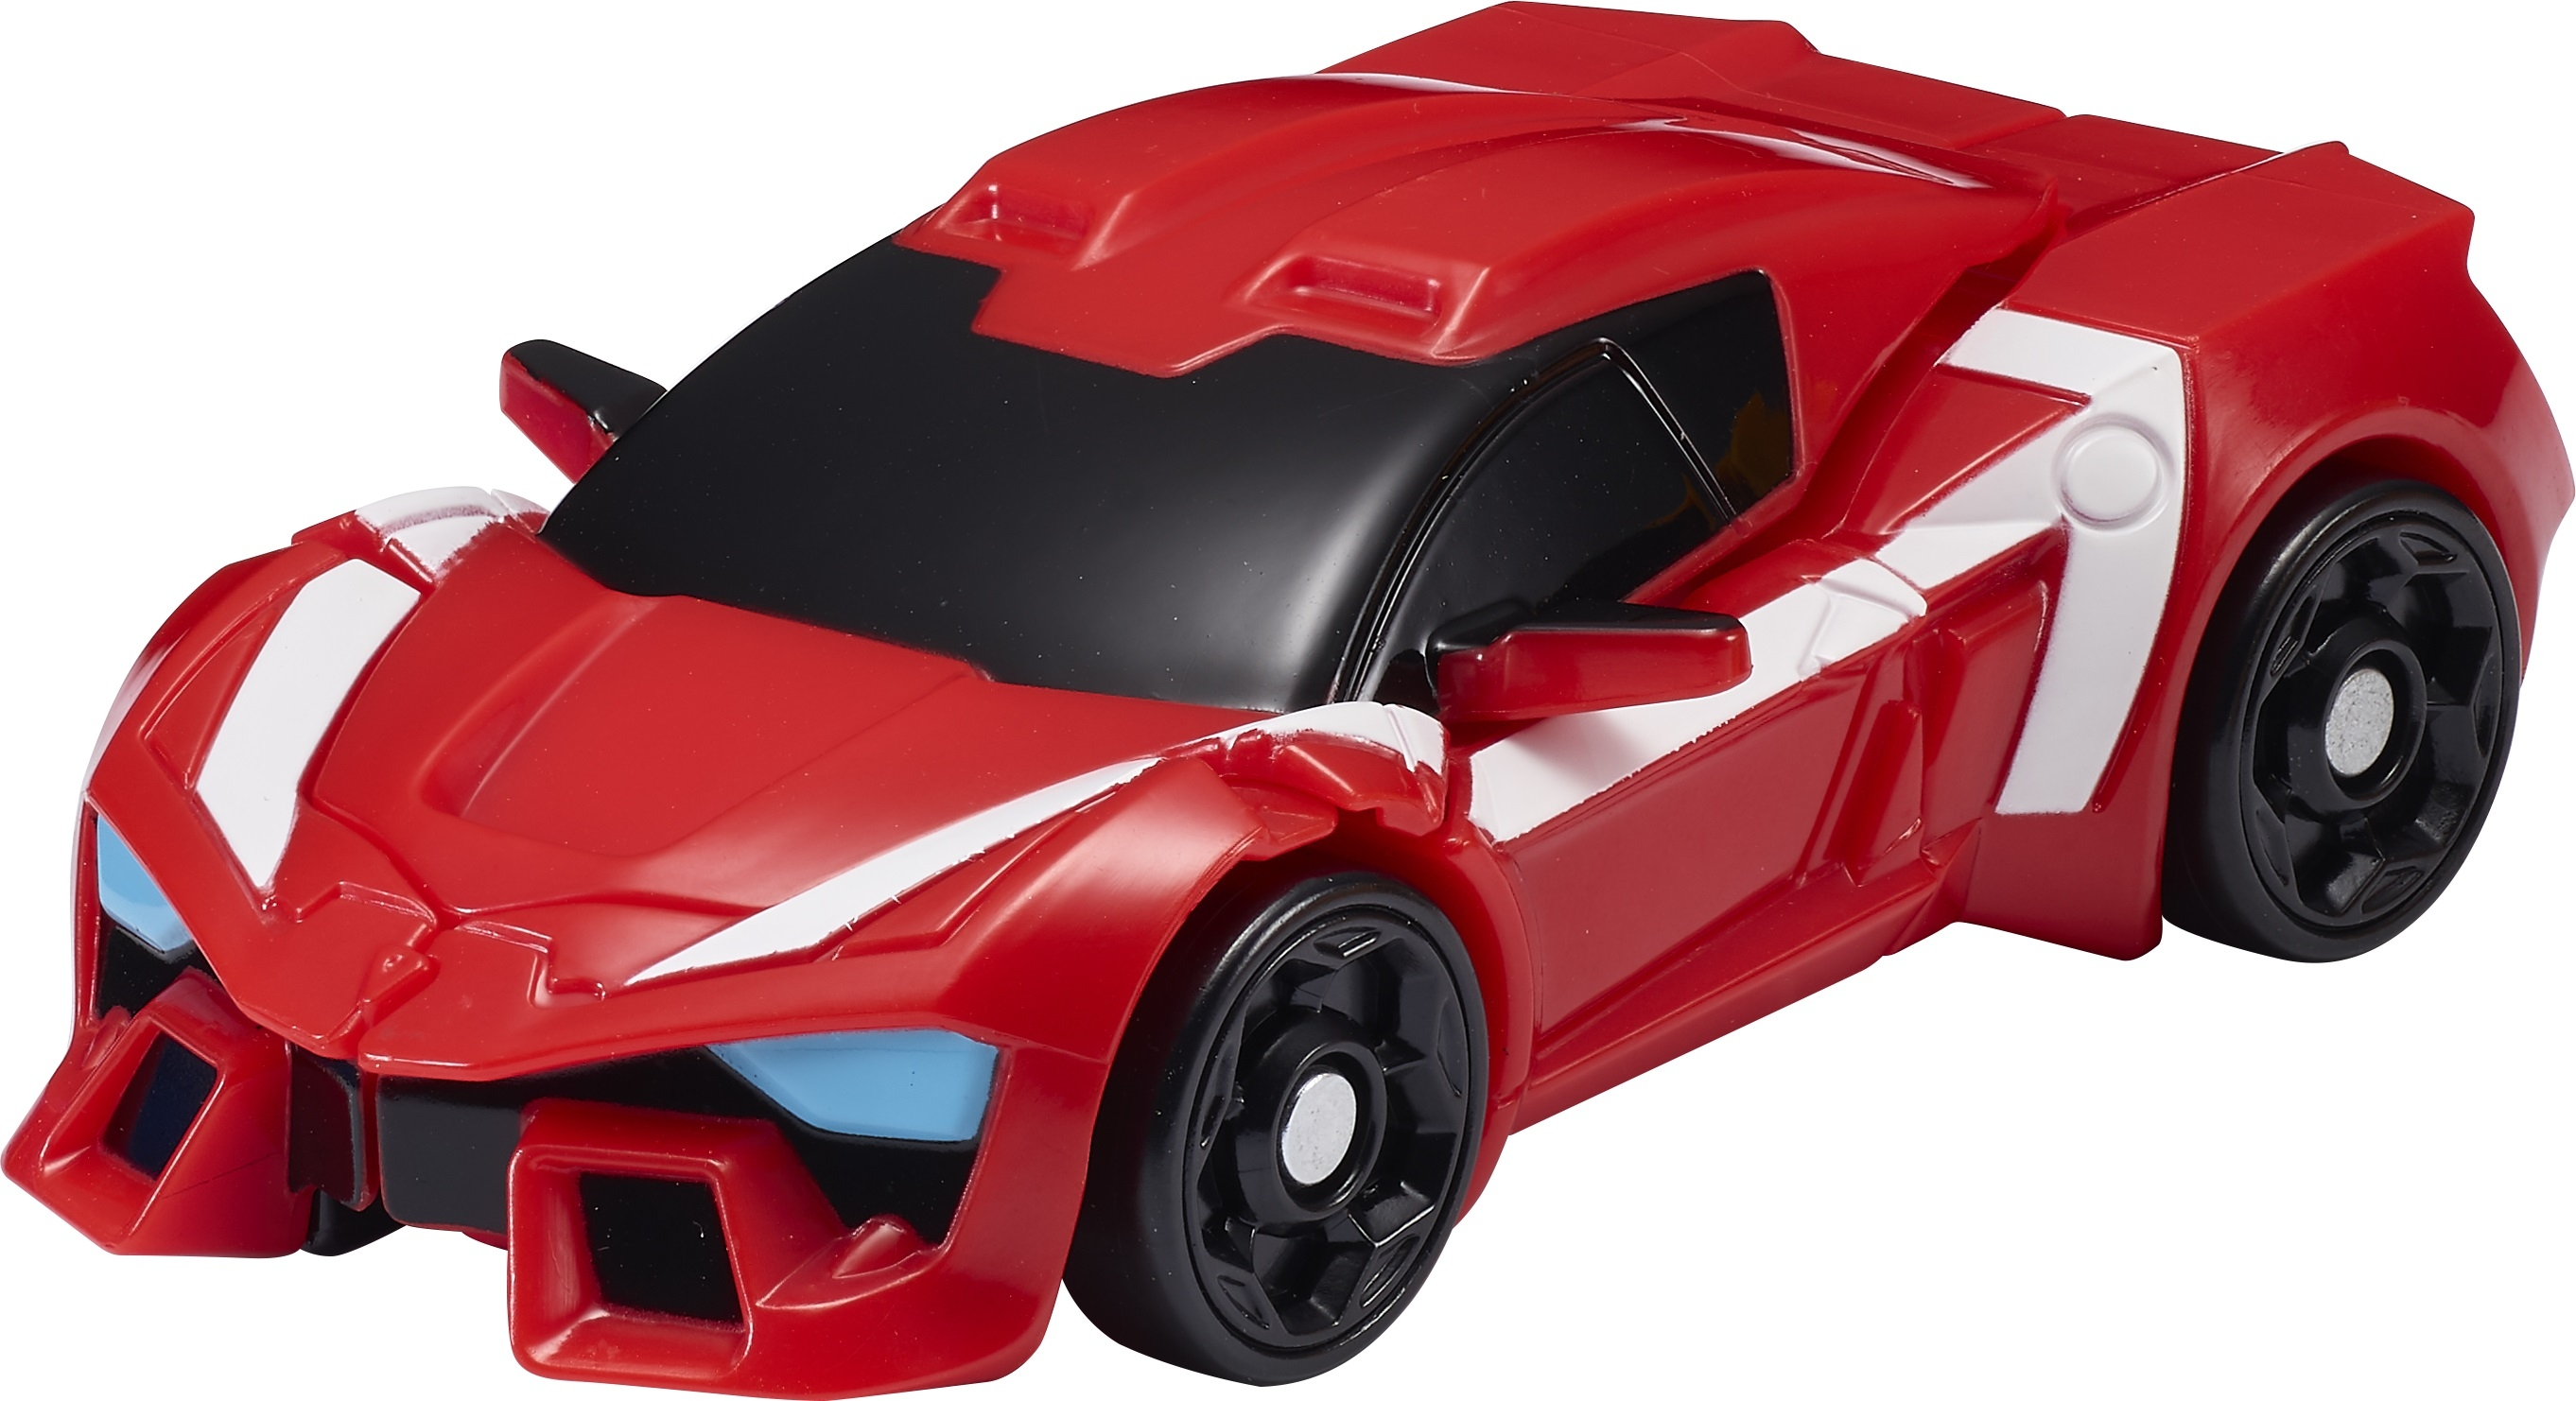 робот-трансформер Tobot Атлон Альфа мини S1 красный с черным